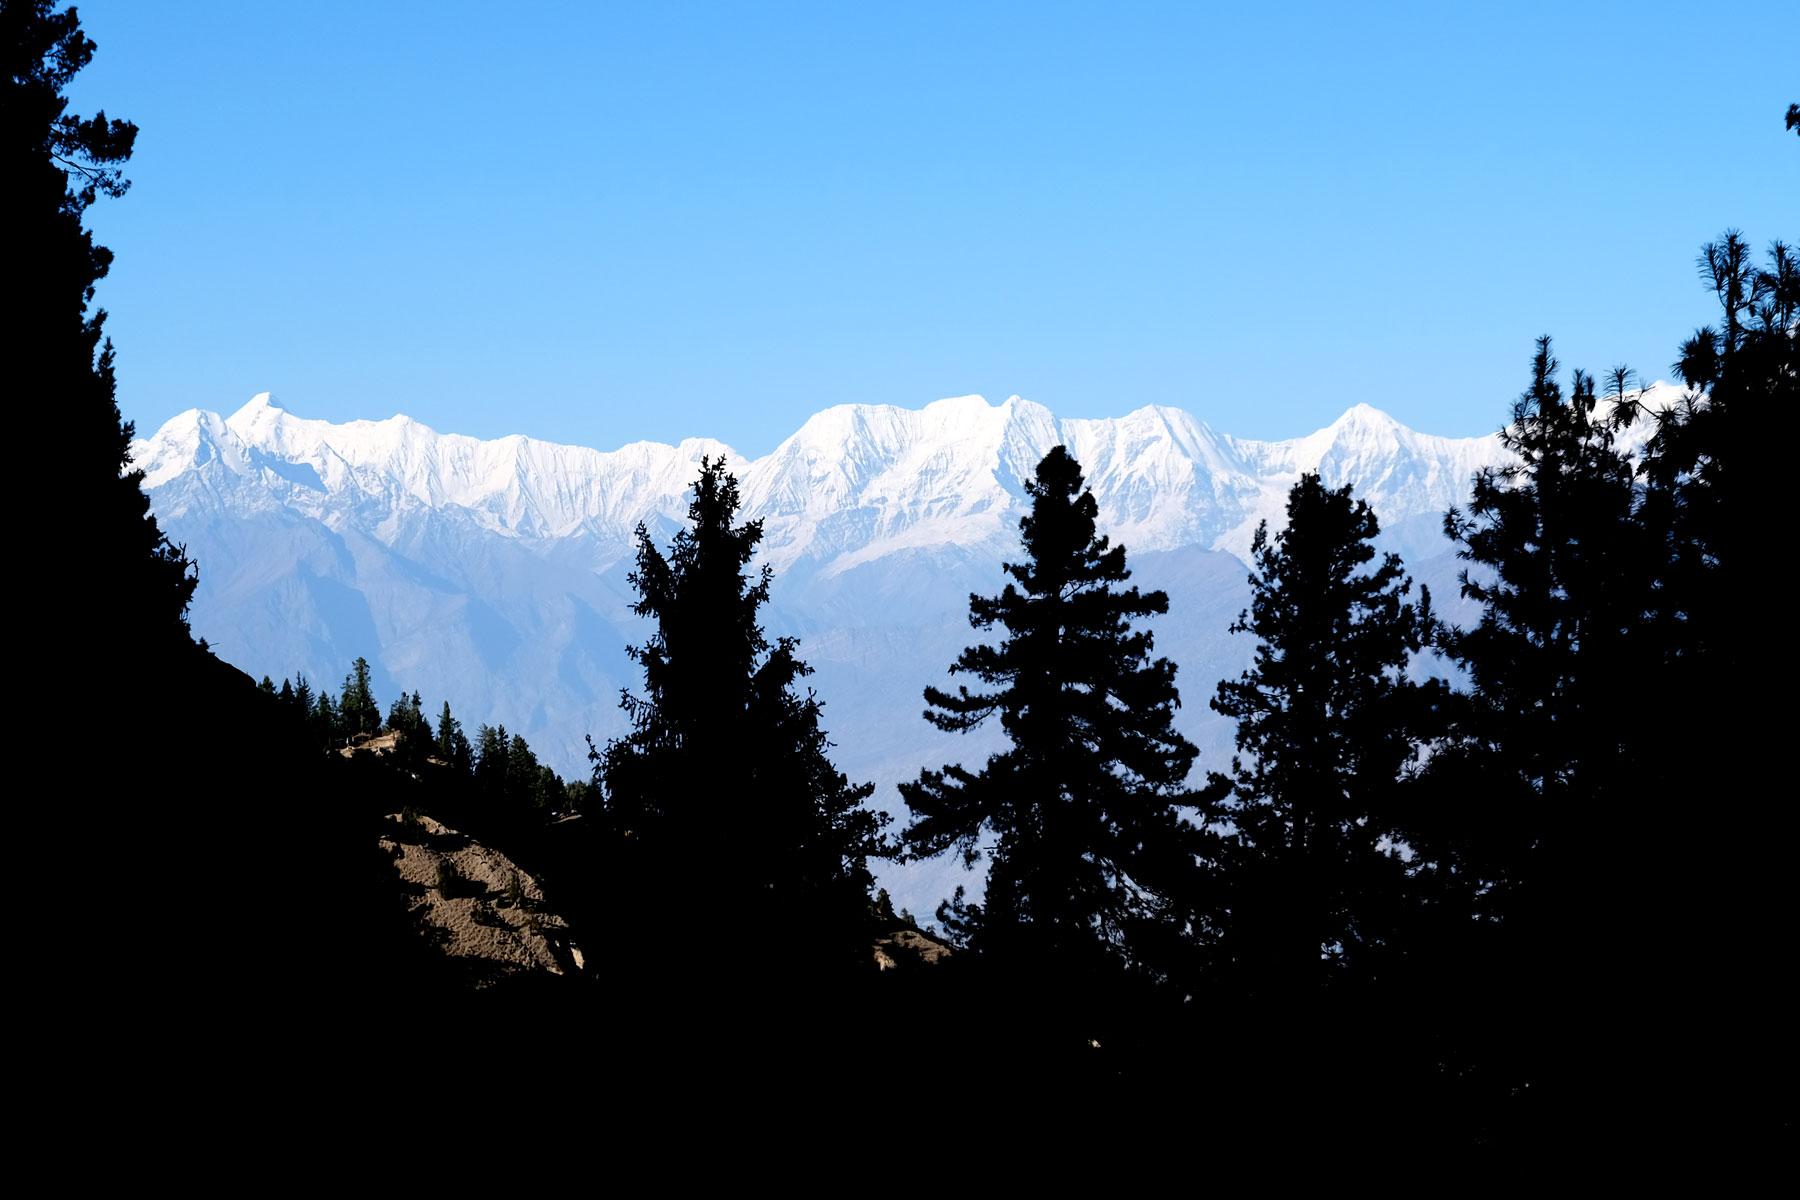 Schneebedeckte Berge vor Nadelbäumen.